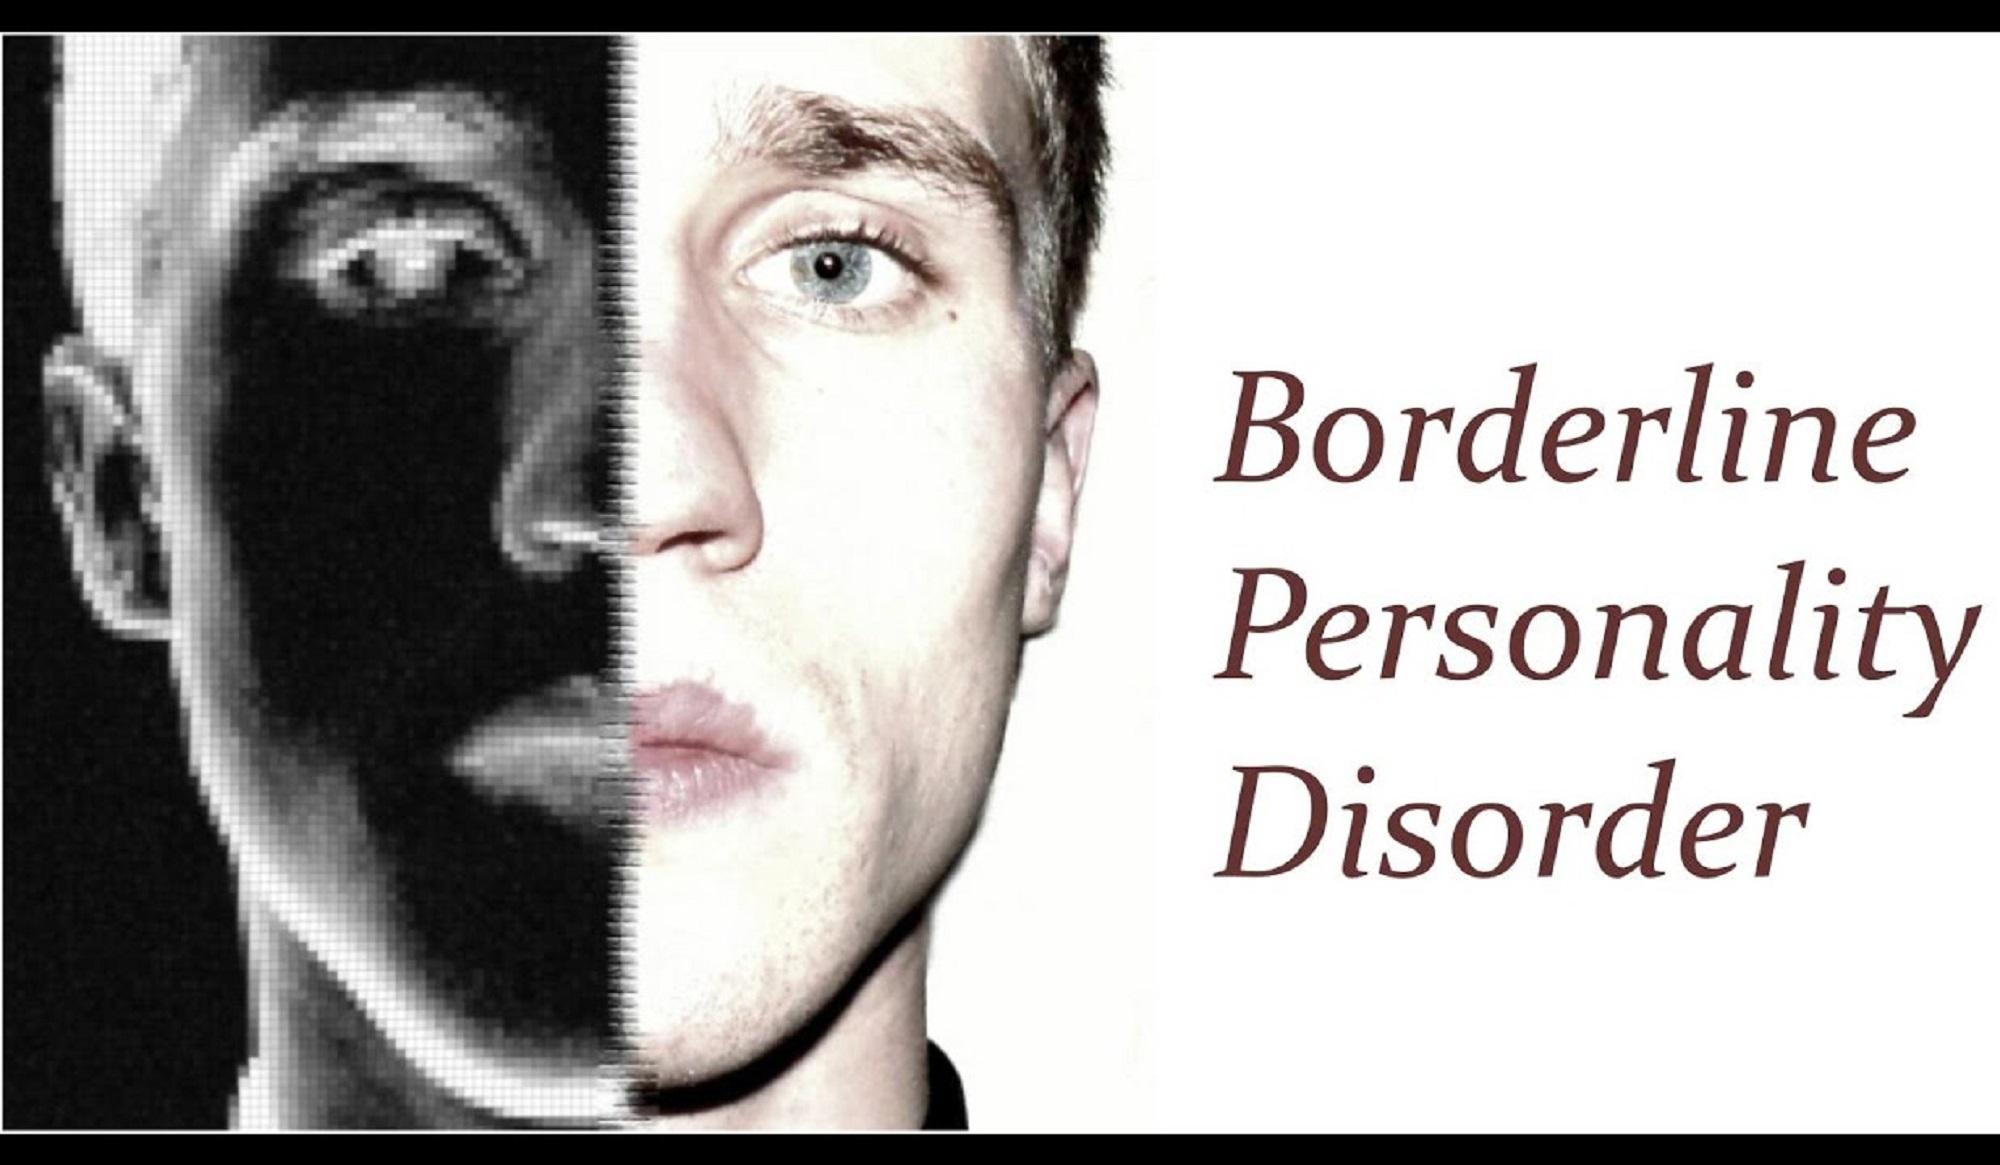 اختلال شخصیت مرزی : تعریف، ویژگیهای تشخیصی و درمان